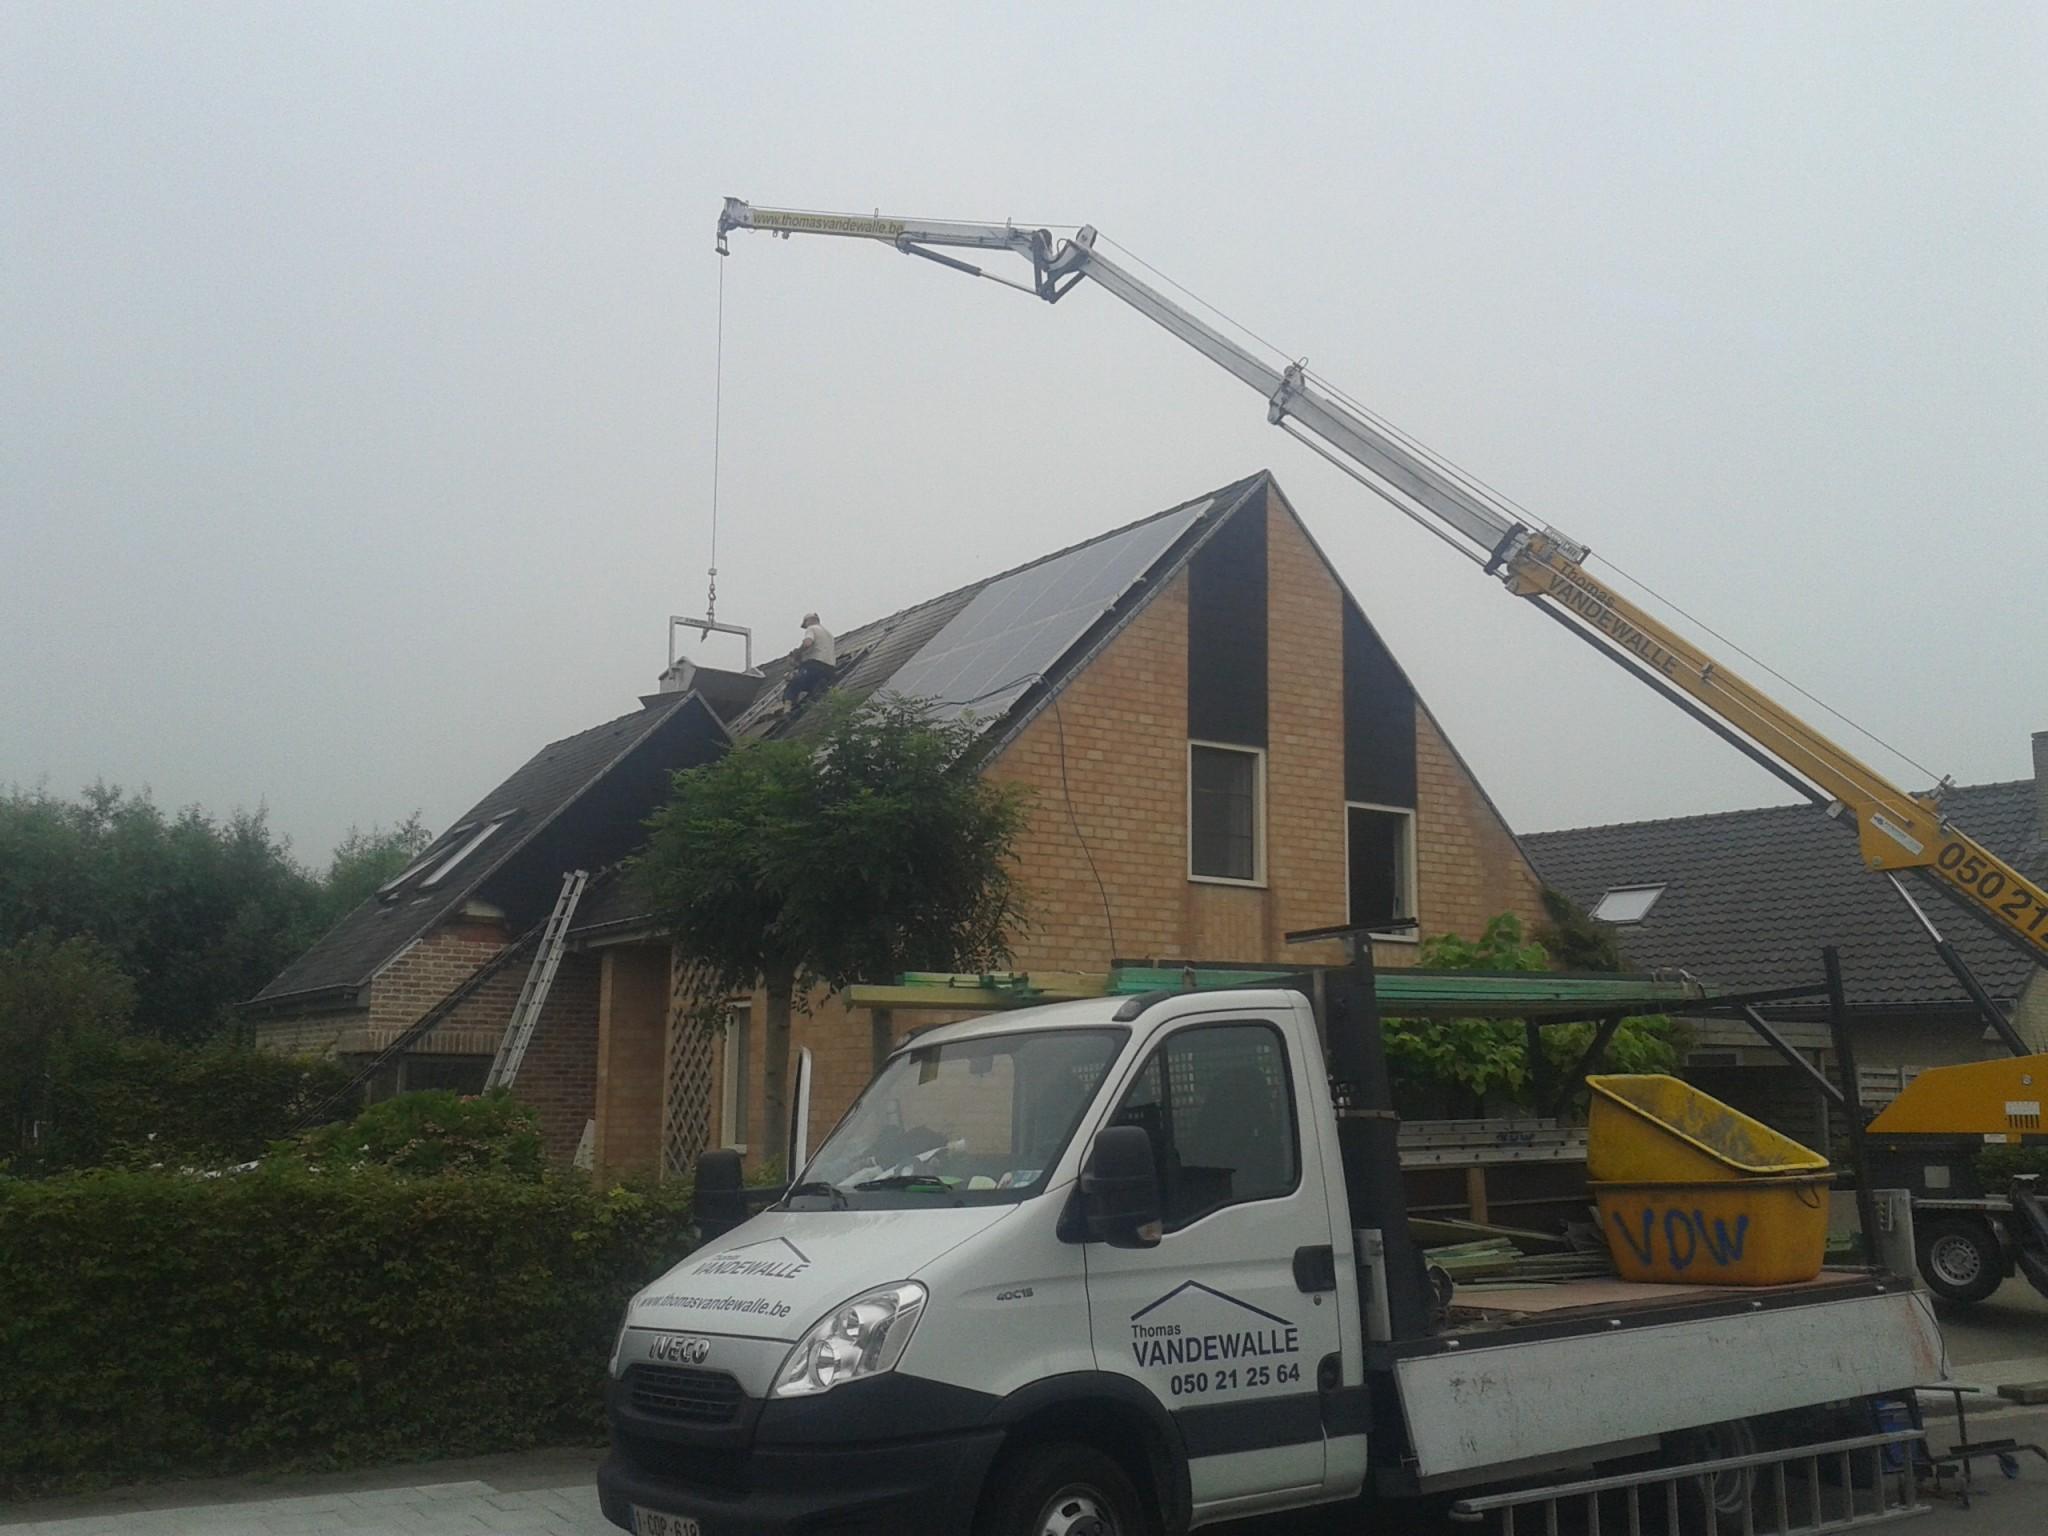 Kraan thomas vandewalle dakwerken torhout - Vormgeving van de badkamer kraan ...